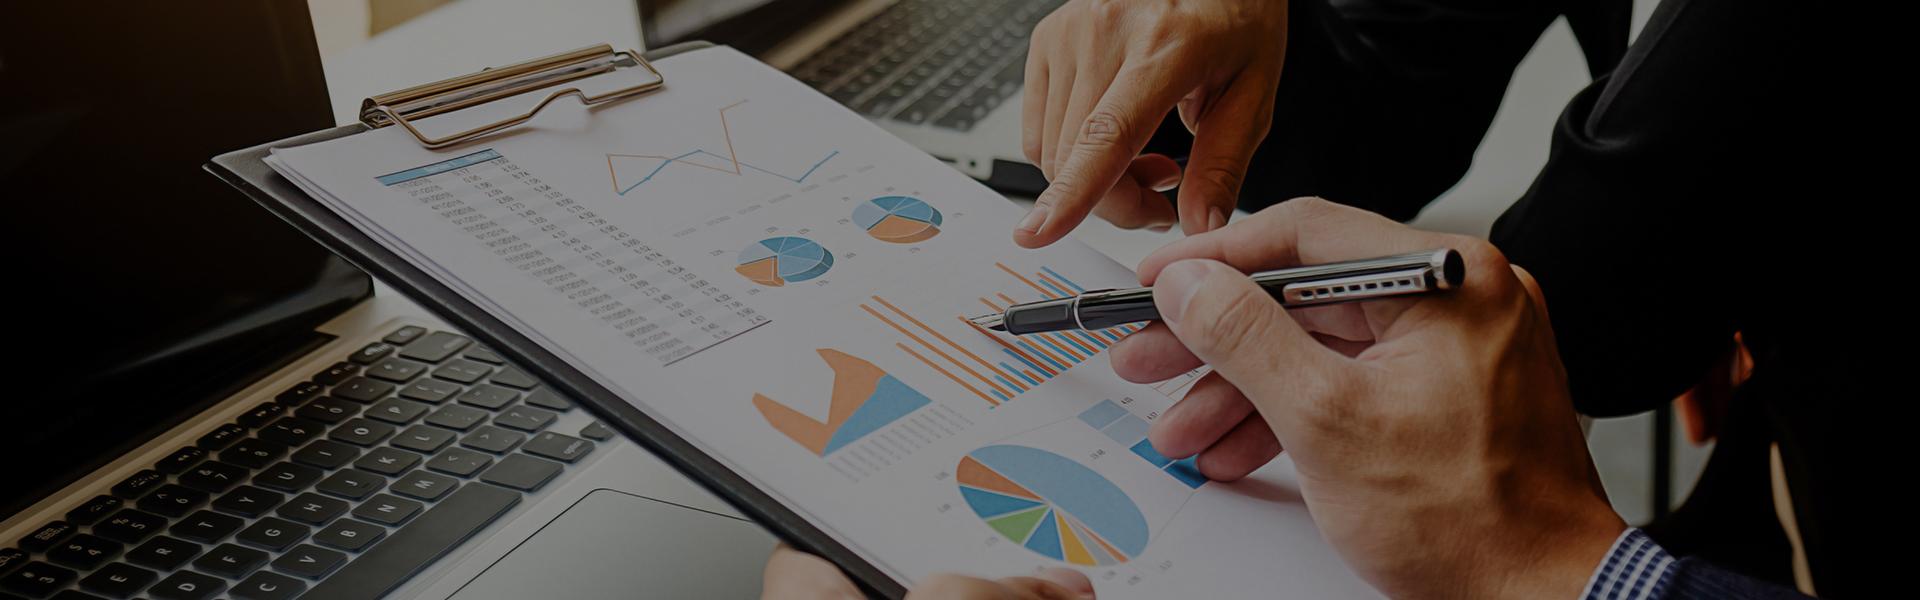 asesoría financiera en madrid